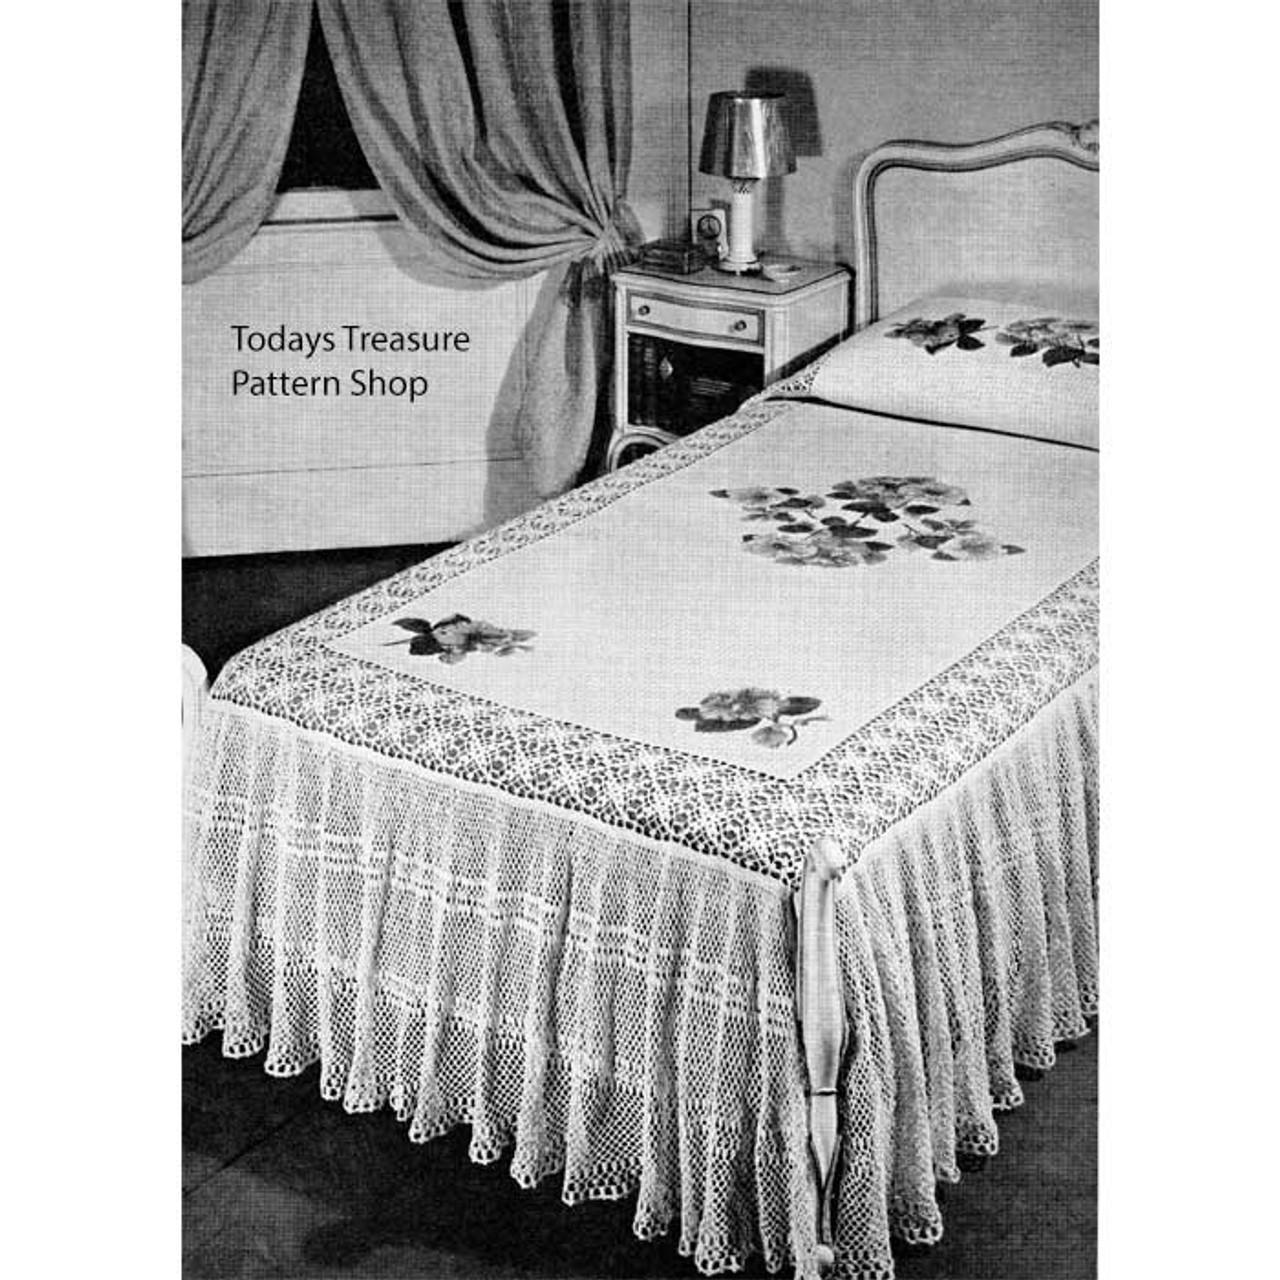 Crocheted Lace Ruffled Bedspread Pattern